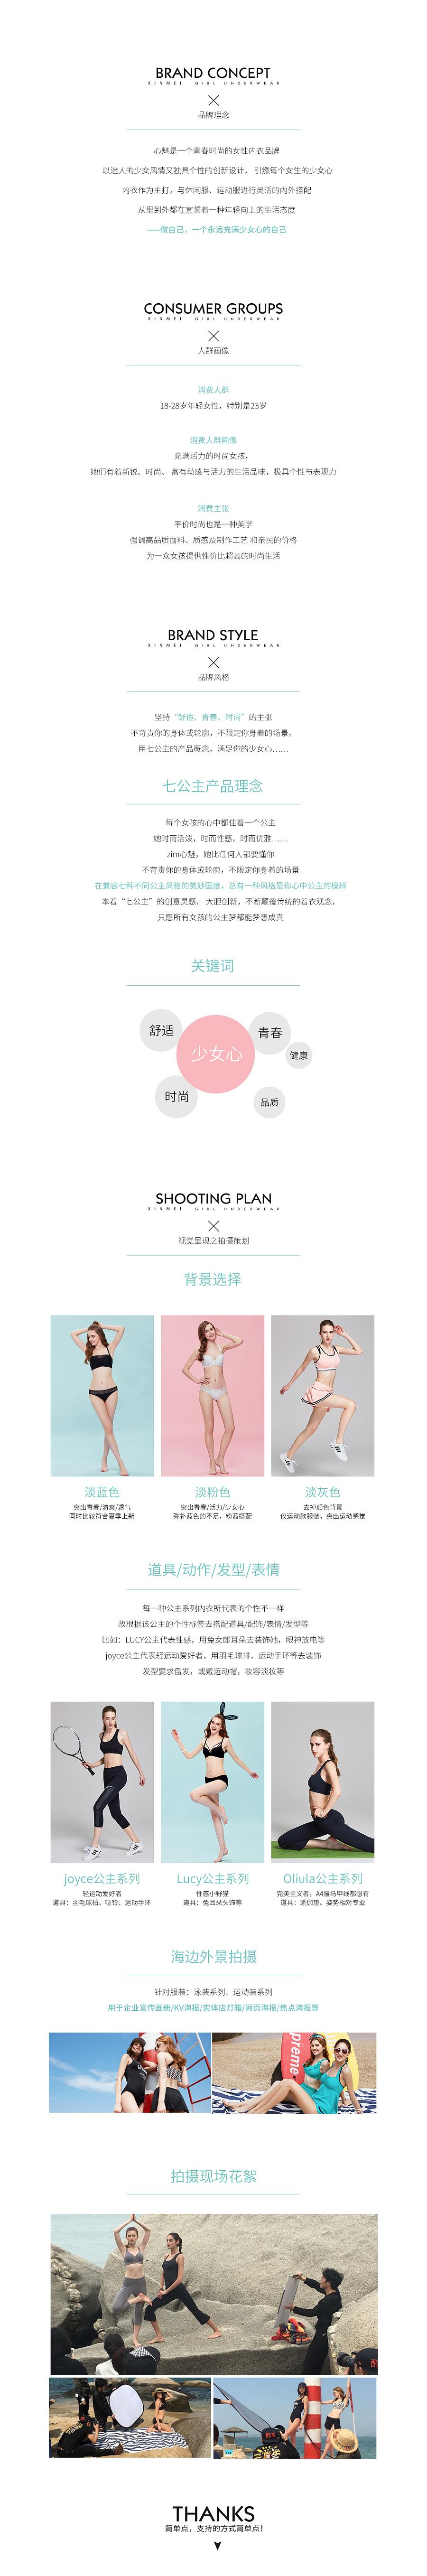 查看《女装内衣品牌项目视觉及策划思路剖析》原图,原图尺寸:1300x7840